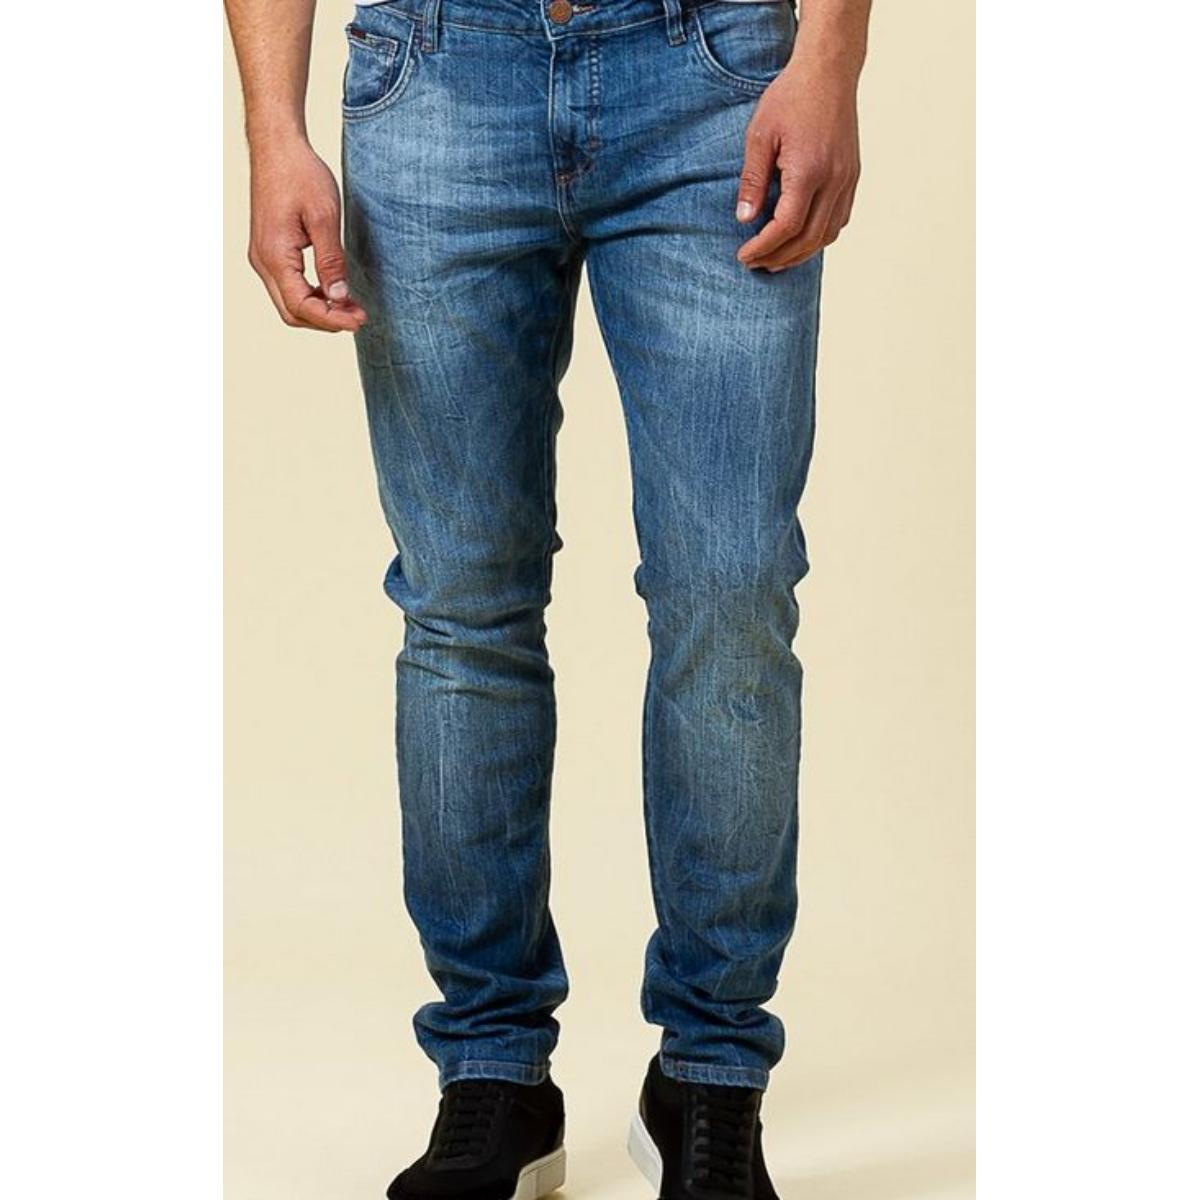 Calça Masculina Forum 14604341 600  Jeans